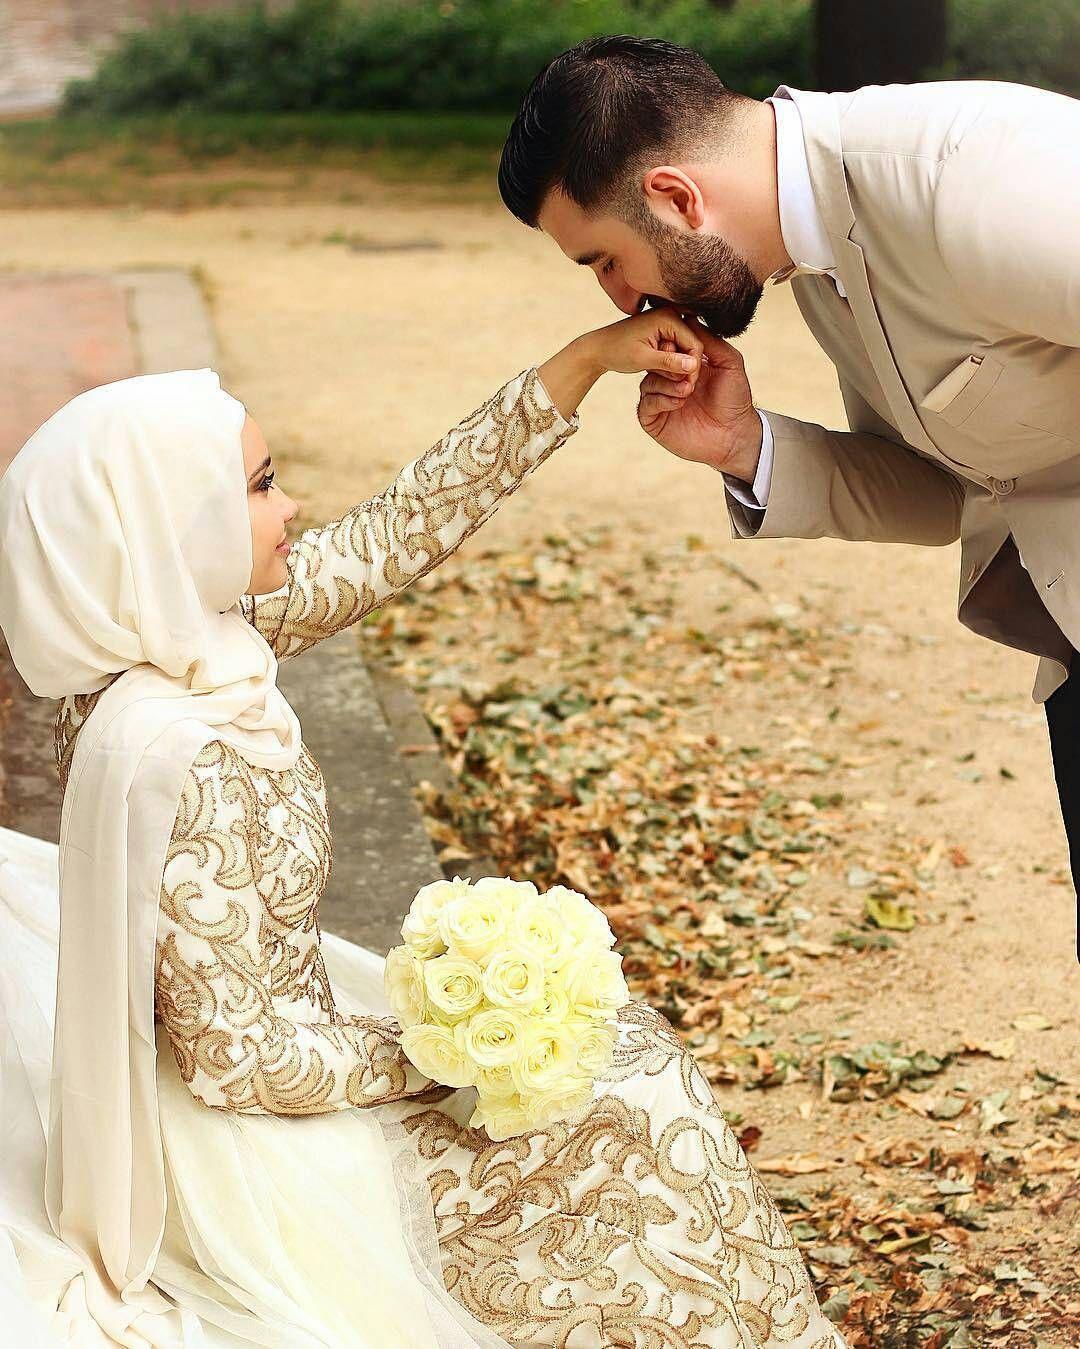 Картинки про любовь красивые мужу мусульманские